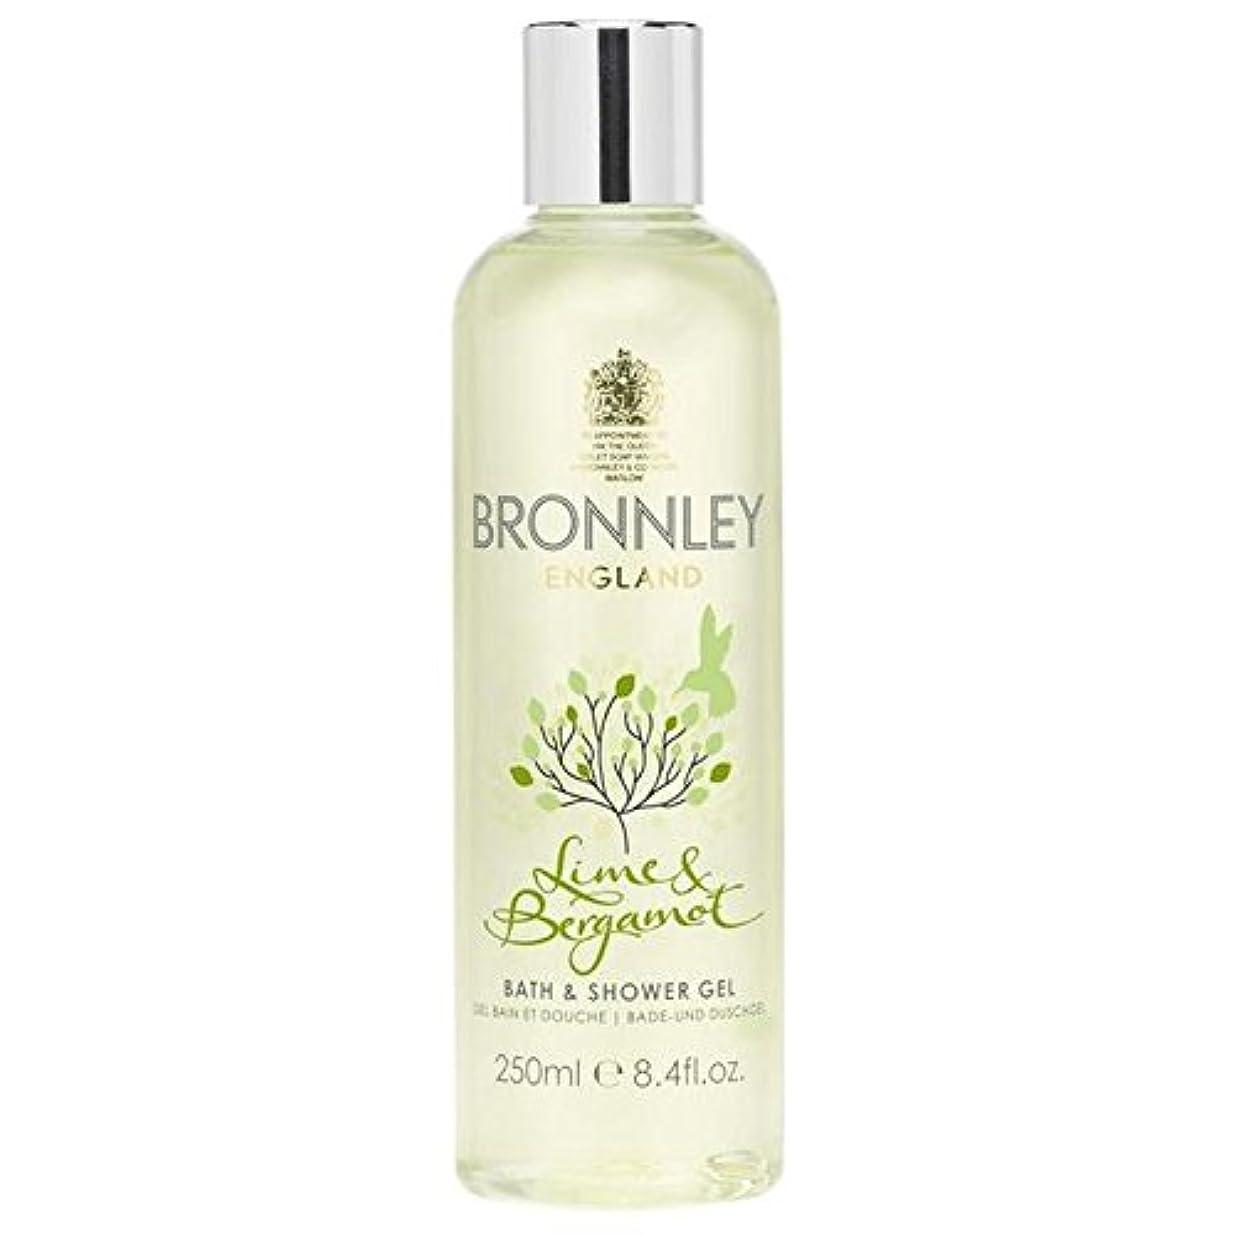 配るピアース簡単なライム&ベルガモットバス&シャワージェル250ミリリットル x4 - Bronnley Lime & Bergamot Bath & Shower Gel 250ml (Pack of 4) [並行輸入品]